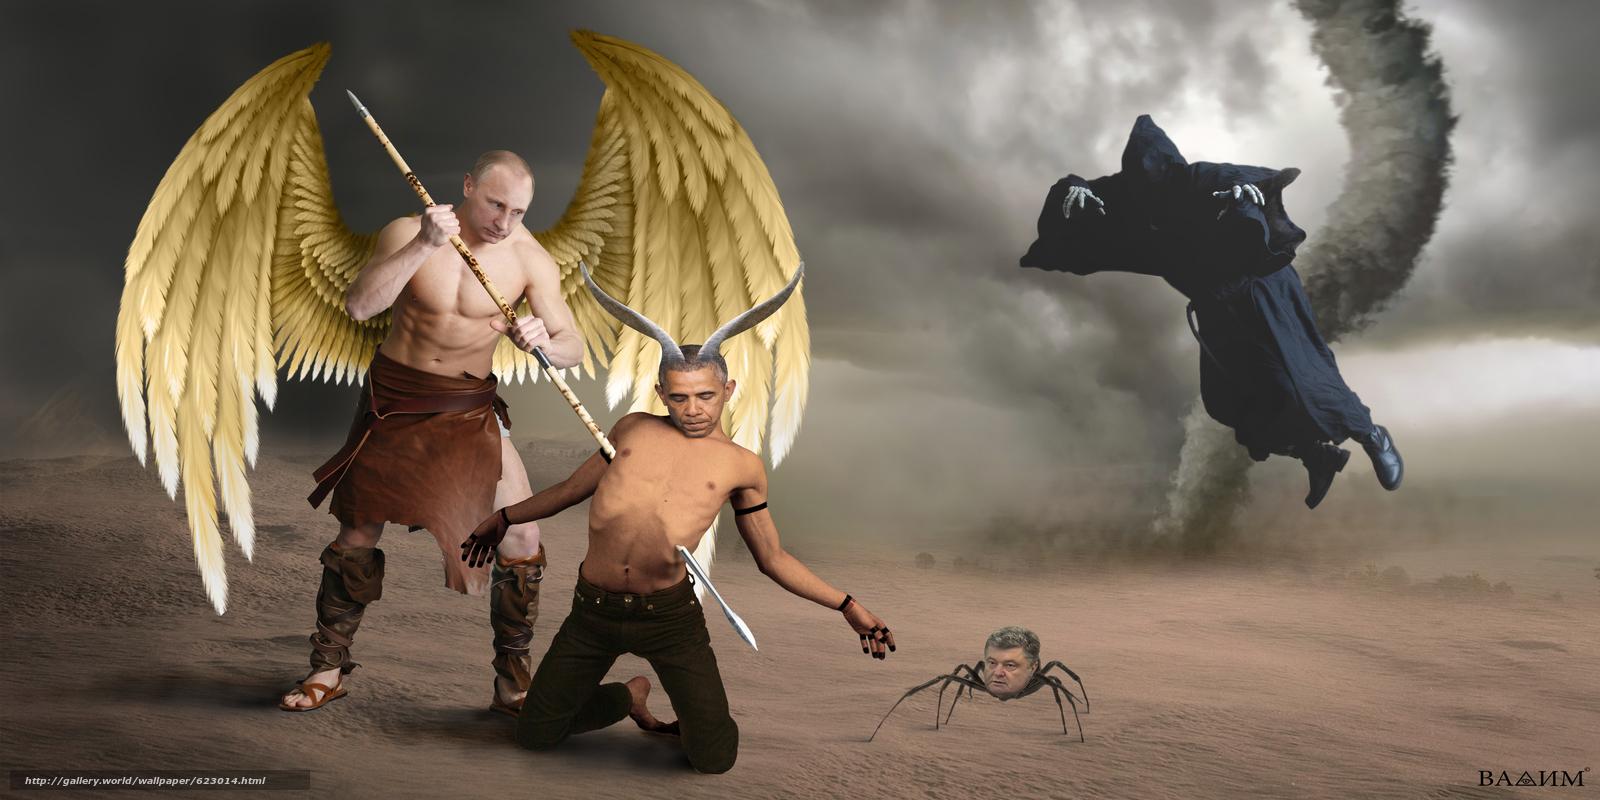 Скачать на телефон обои фото картинку на тему Путин, Обама, Порошенко, политика, искусство, арт, наказание, Россия, Украина, США, разширение 4000x2000